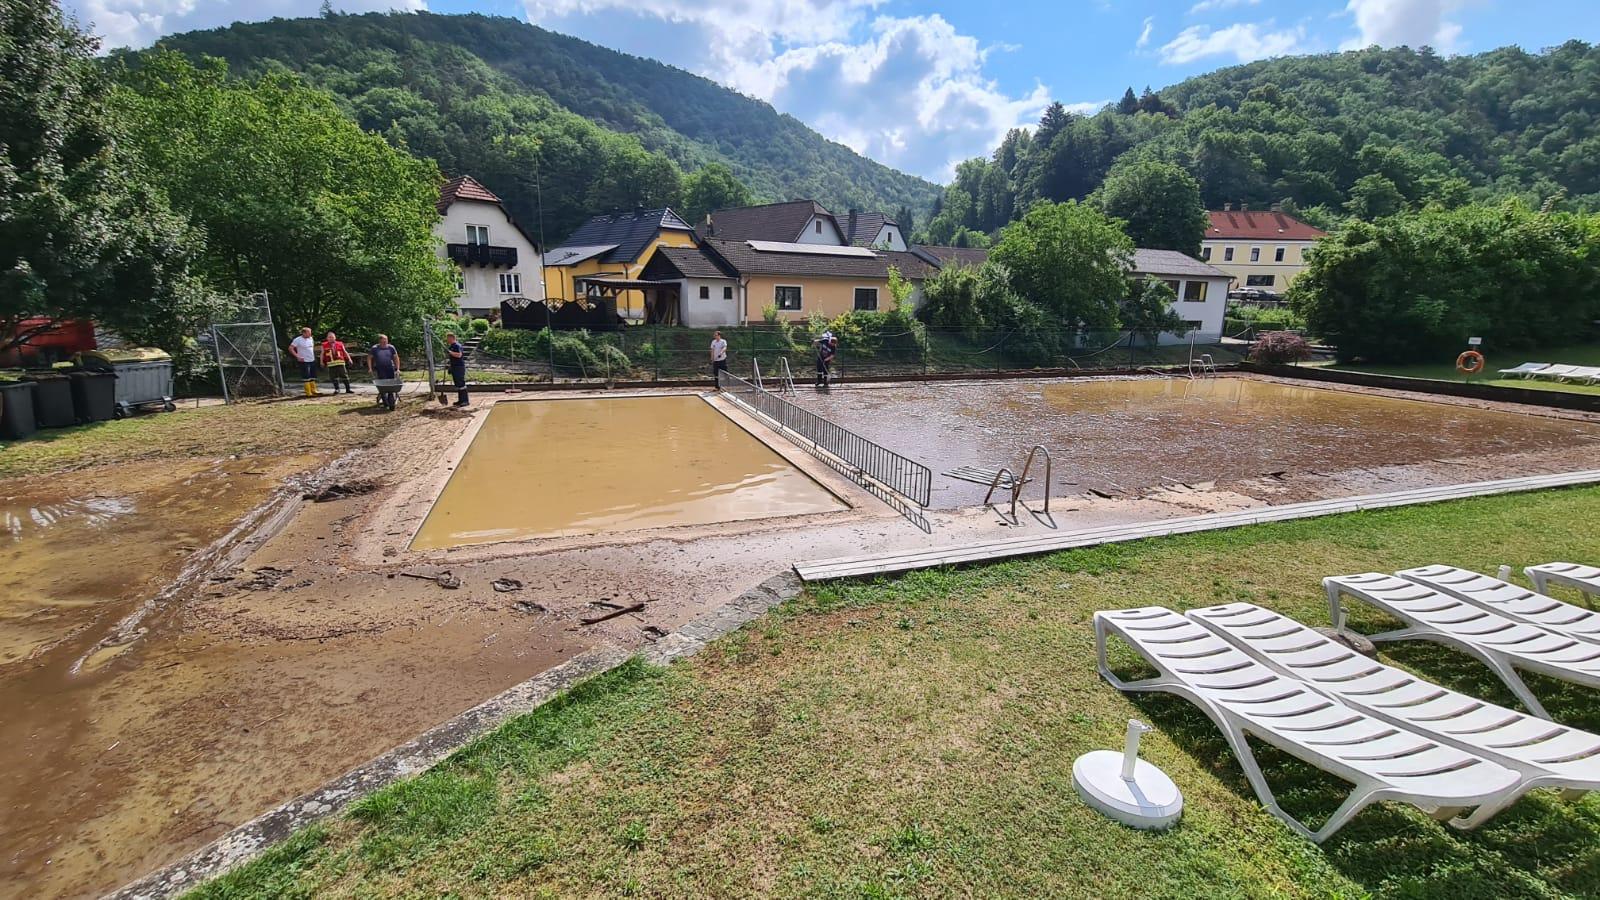 2021-07-19 - Unwettereinsatz-Aggsbach-Dorf (2)